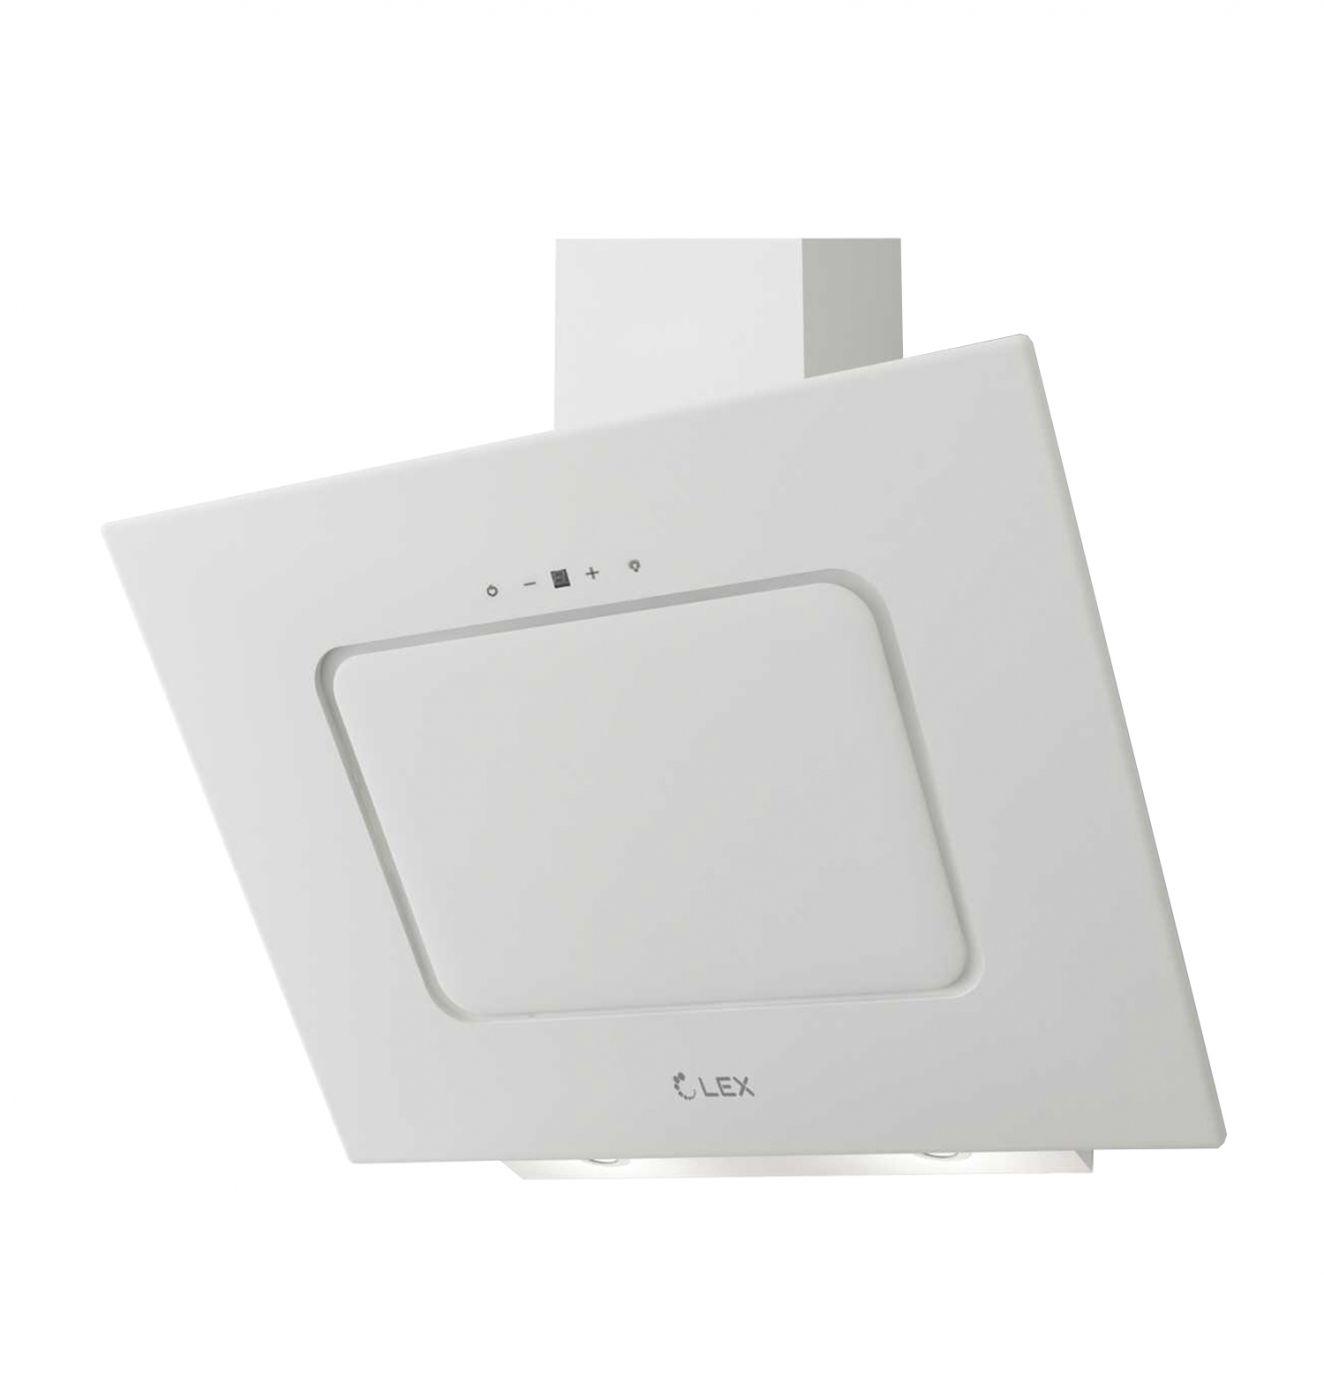 Каминная вытяжка LEX Luna 600 White (CHAO000206)